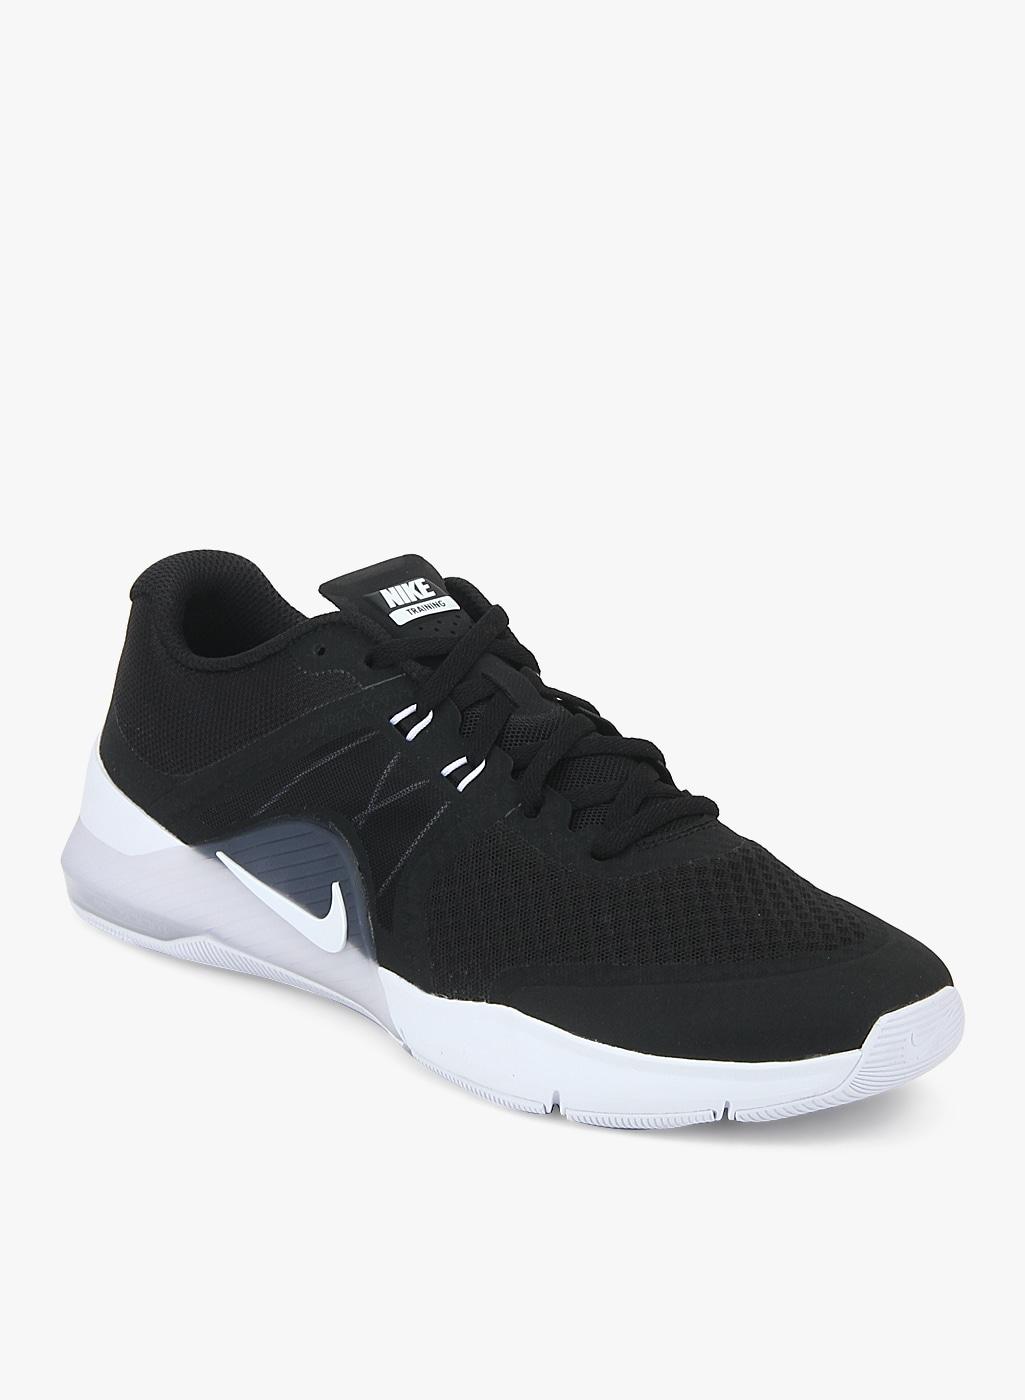 completo en especificaciones diseños atractivos Zapatos 2018 Buy Nike Zoom Train Complete 2 Black Training Shoes Online ...